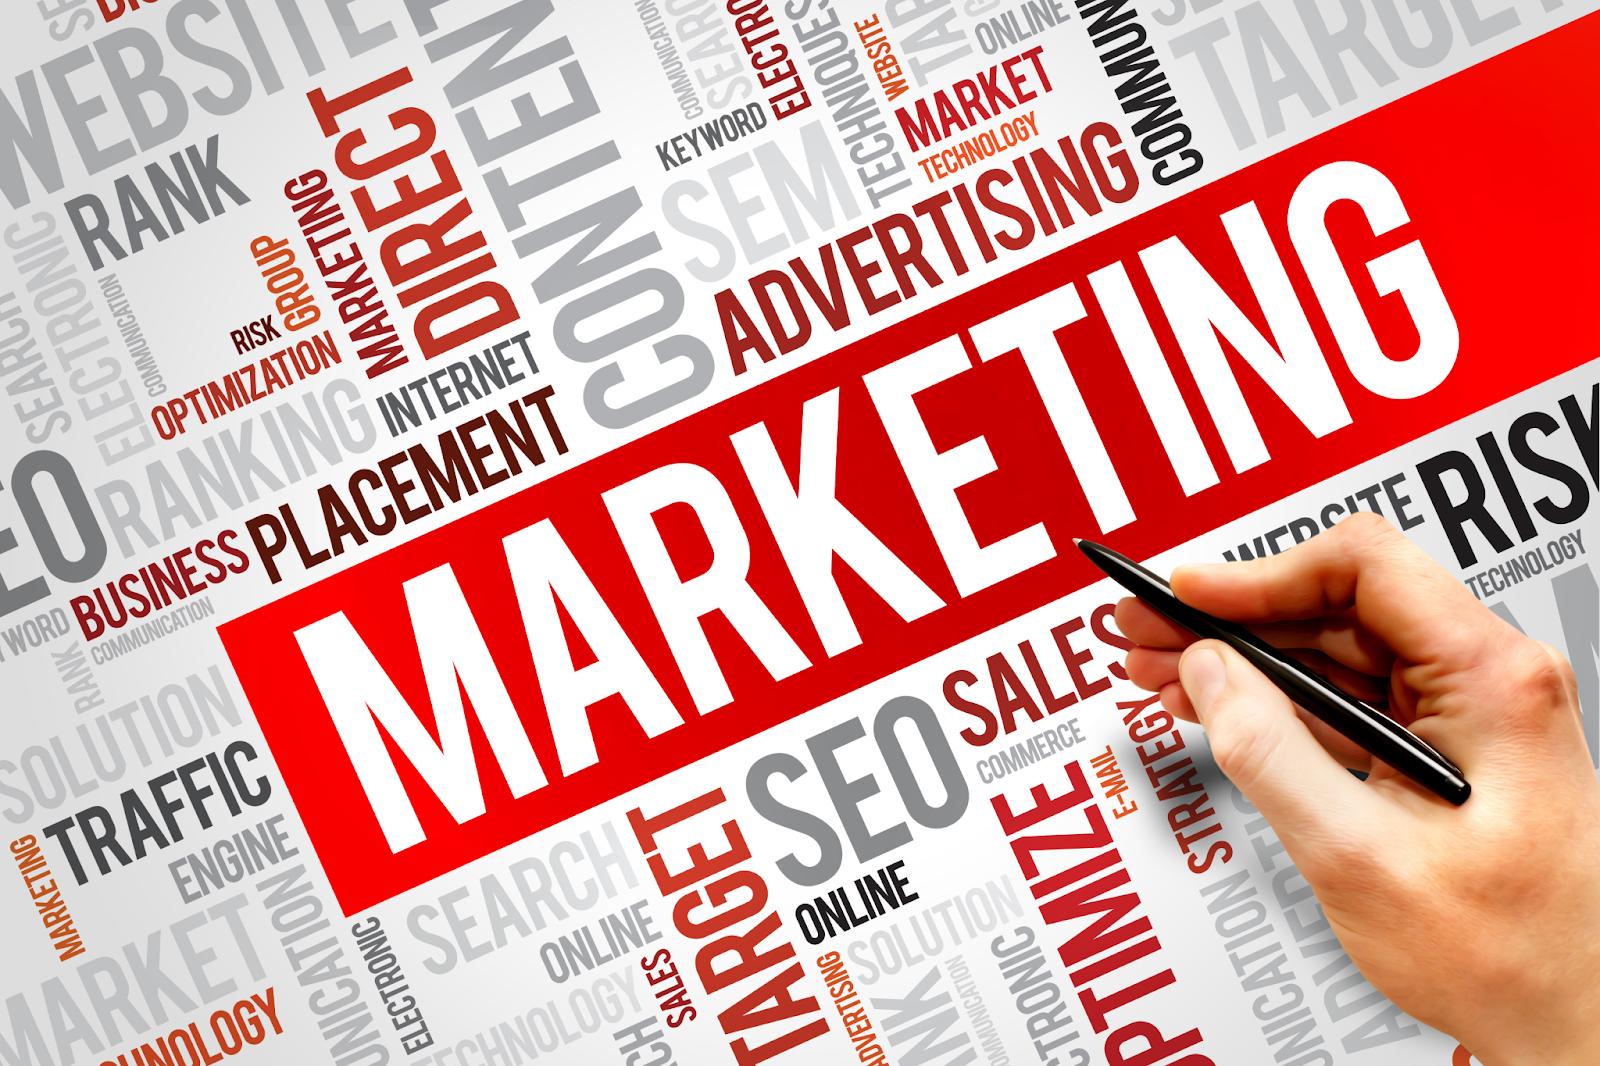 Tìm hiểu các hình thức của dịch vụ marketing trọn gói